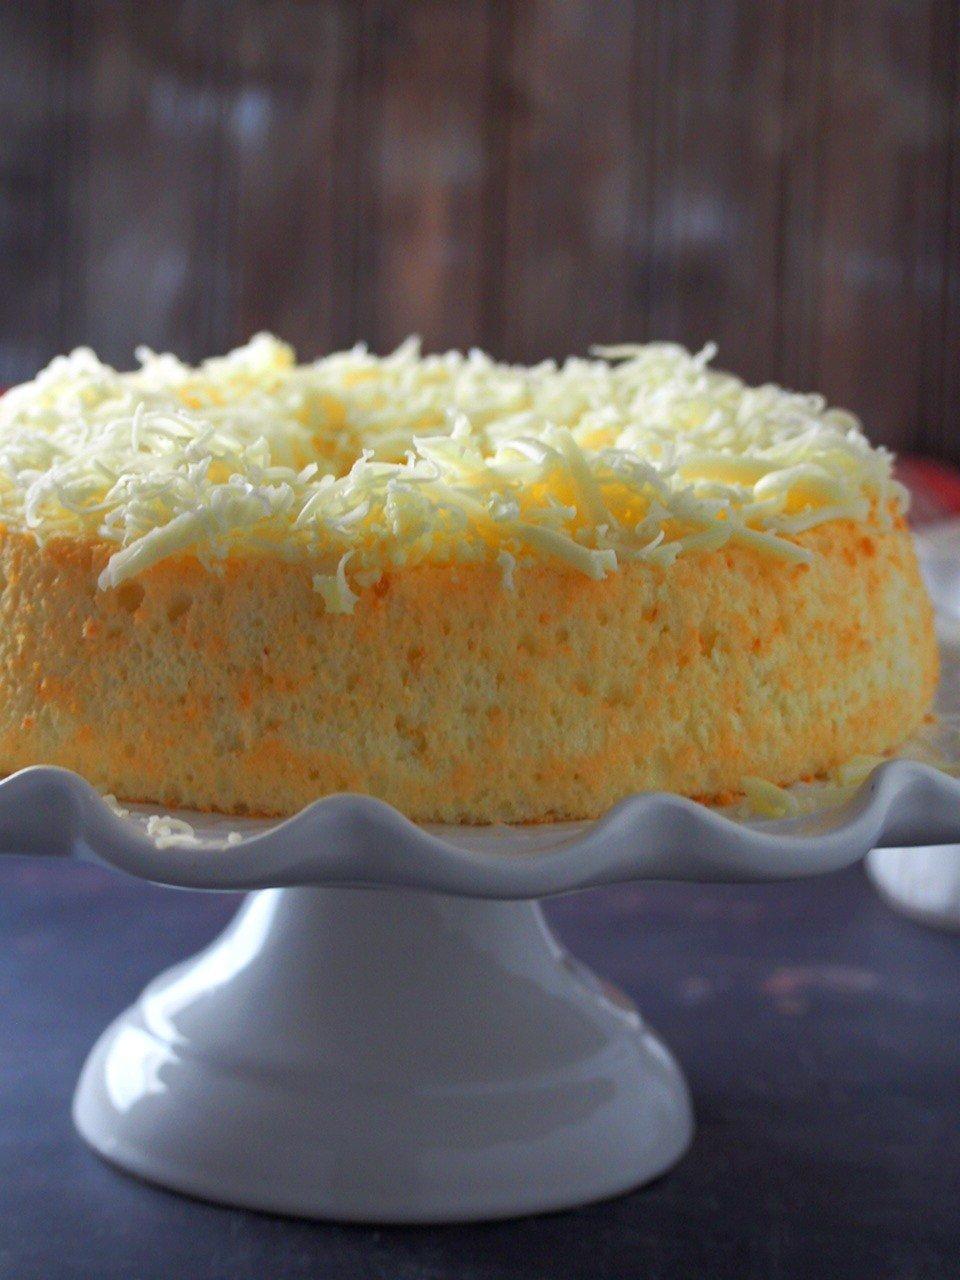 Cheese Chiffon cake on a cake stand.